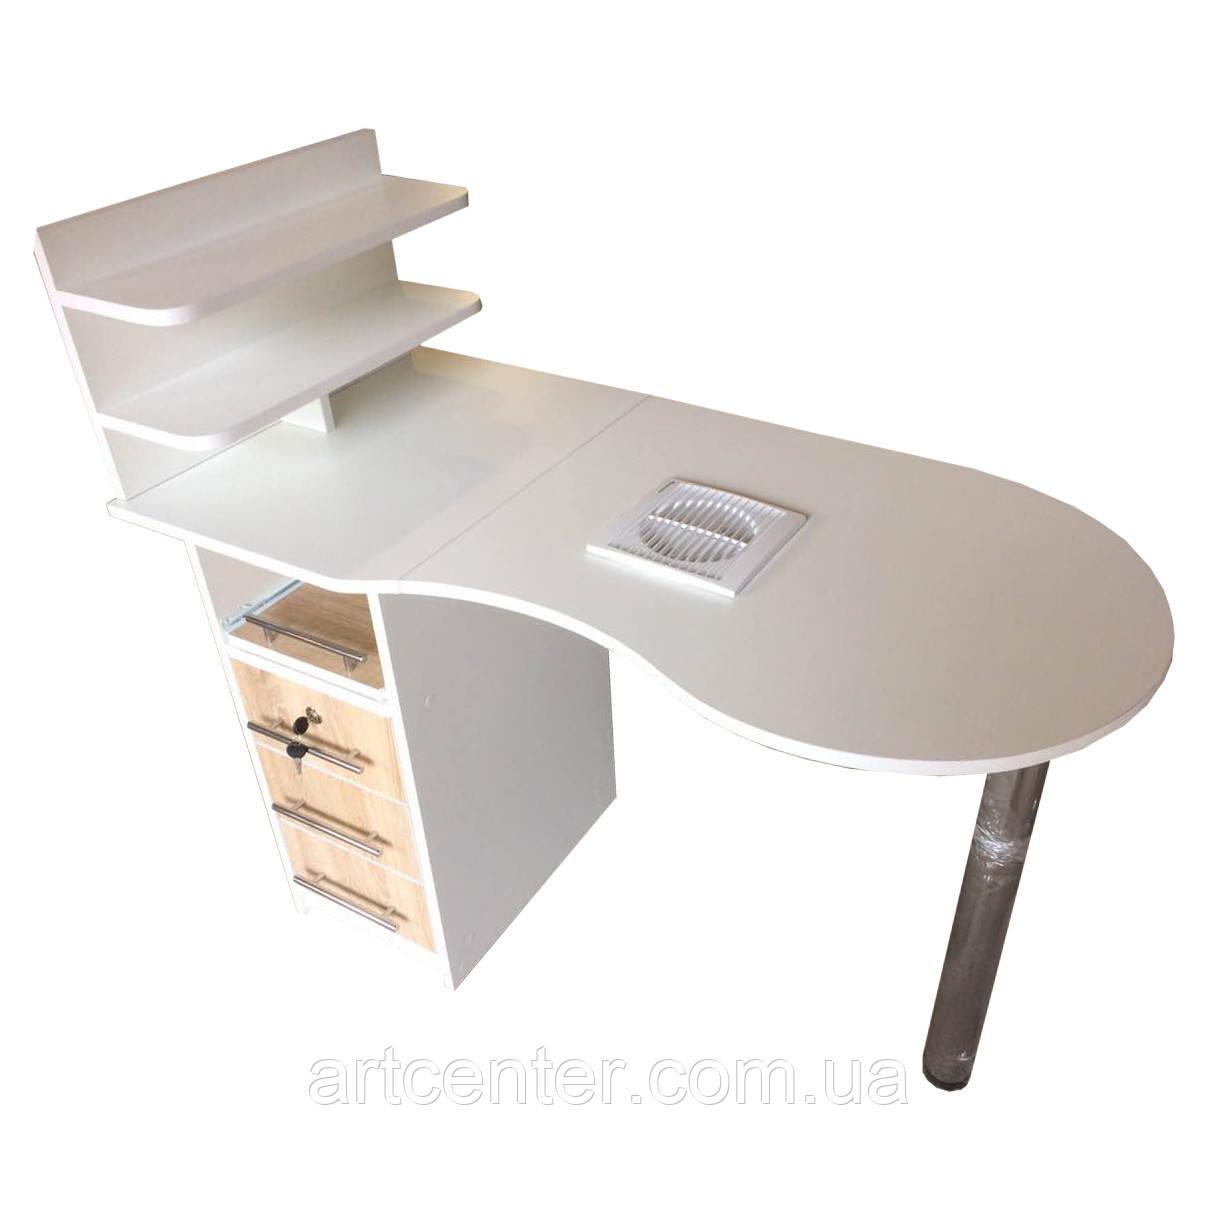 Маникюрный стол  с полочками для лаков и выдвижными ящиками, однотумбовый